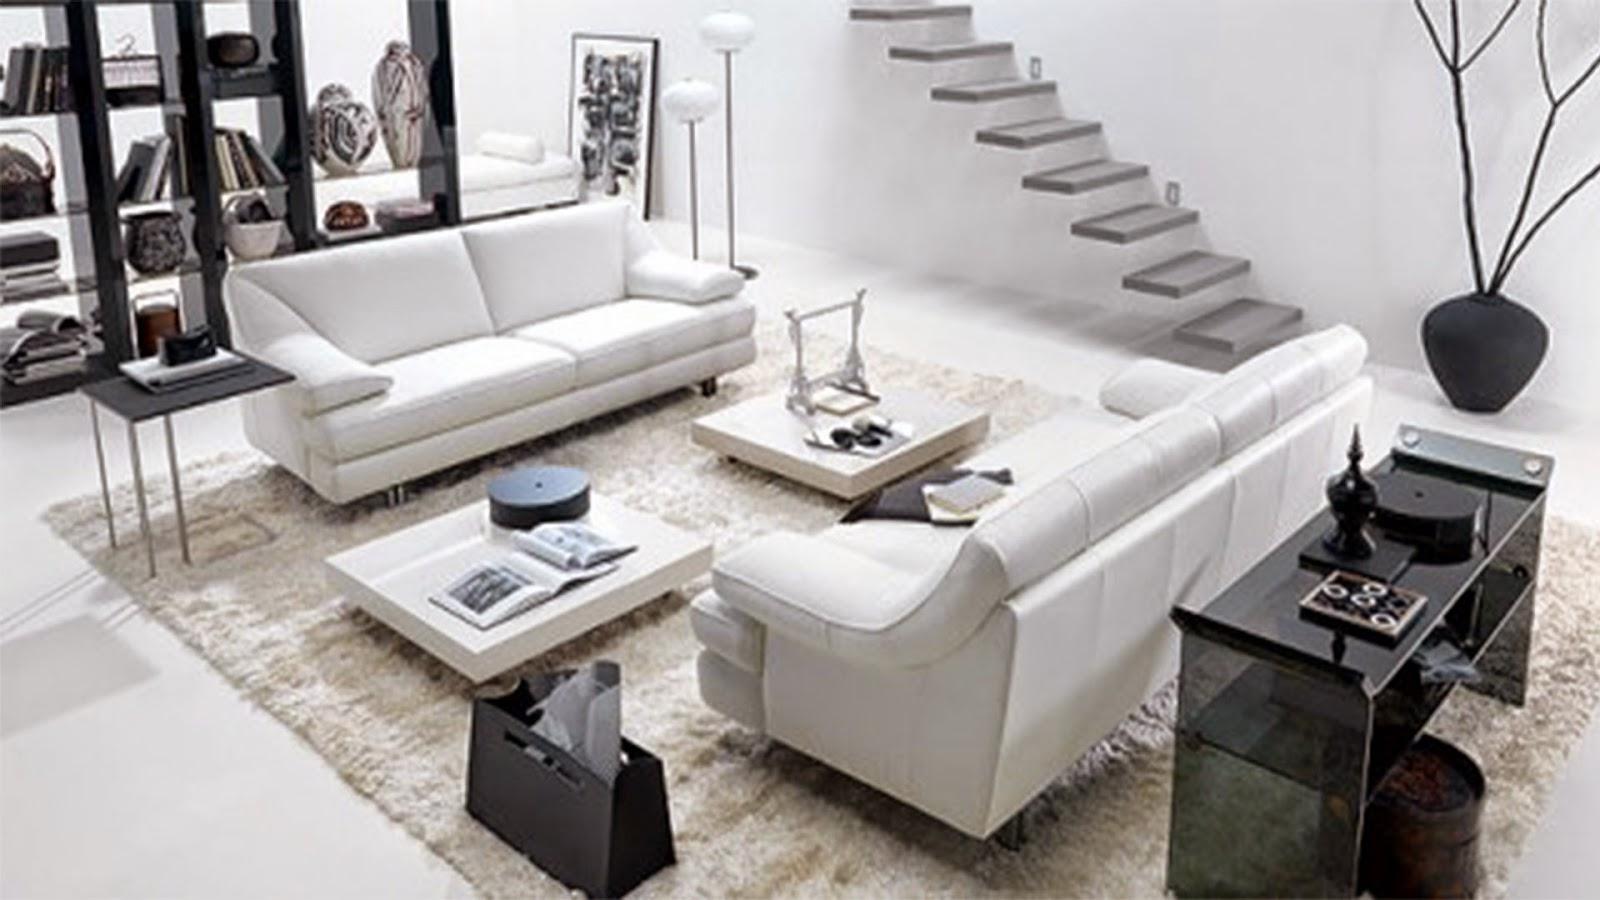 Perpaduan Warna Putih dan Furniture Hitam Pada Ruang Tamu